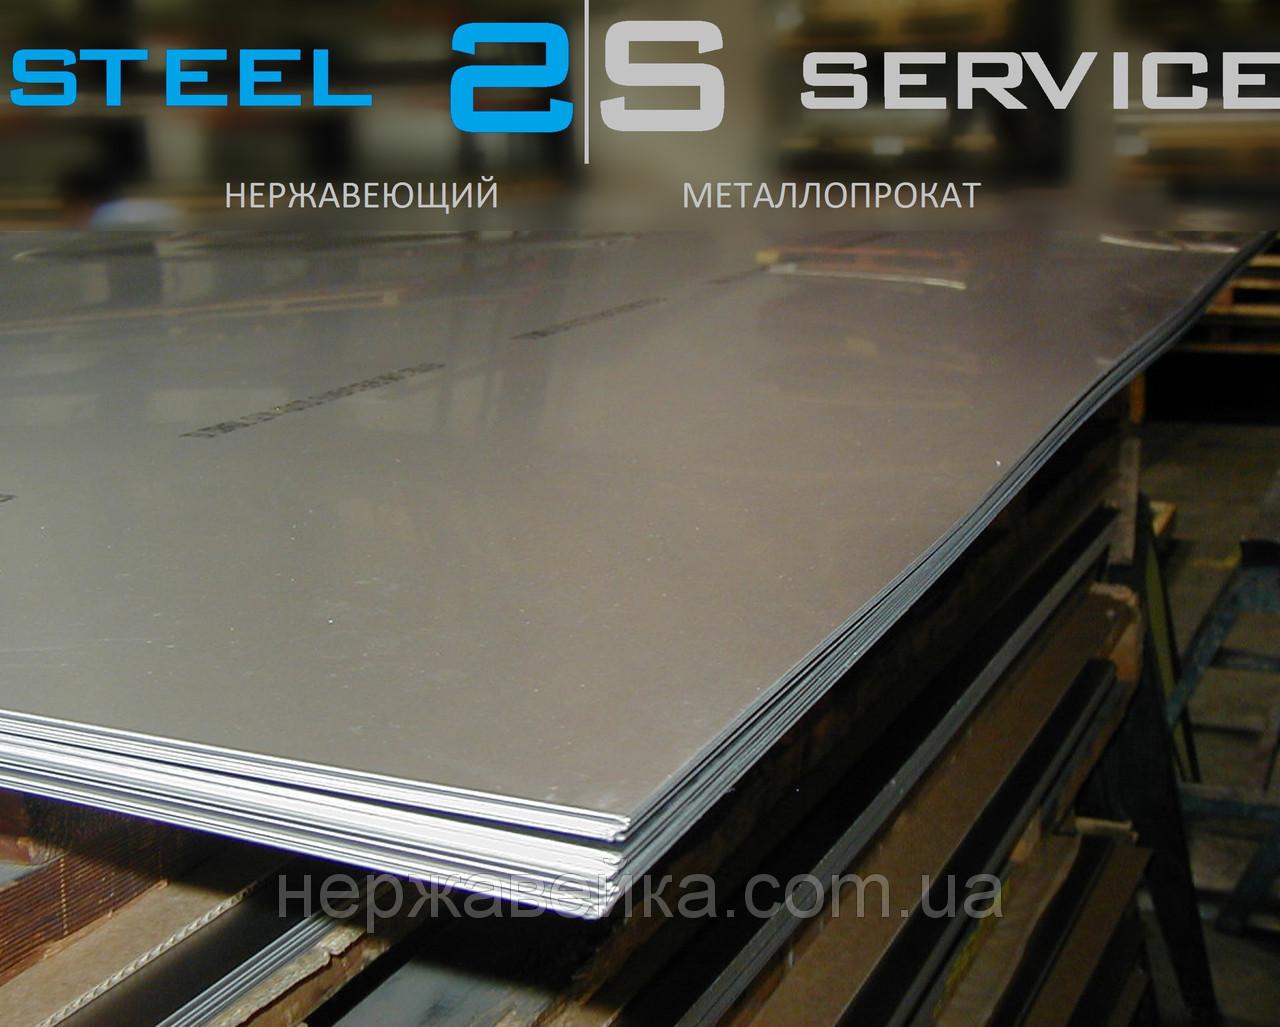 Нержавейка лист 10х1250х2500мм  AISI 309(20Х23Н13, 20Х20Н14С2) F1 - горячекатанный,  жаропрочный